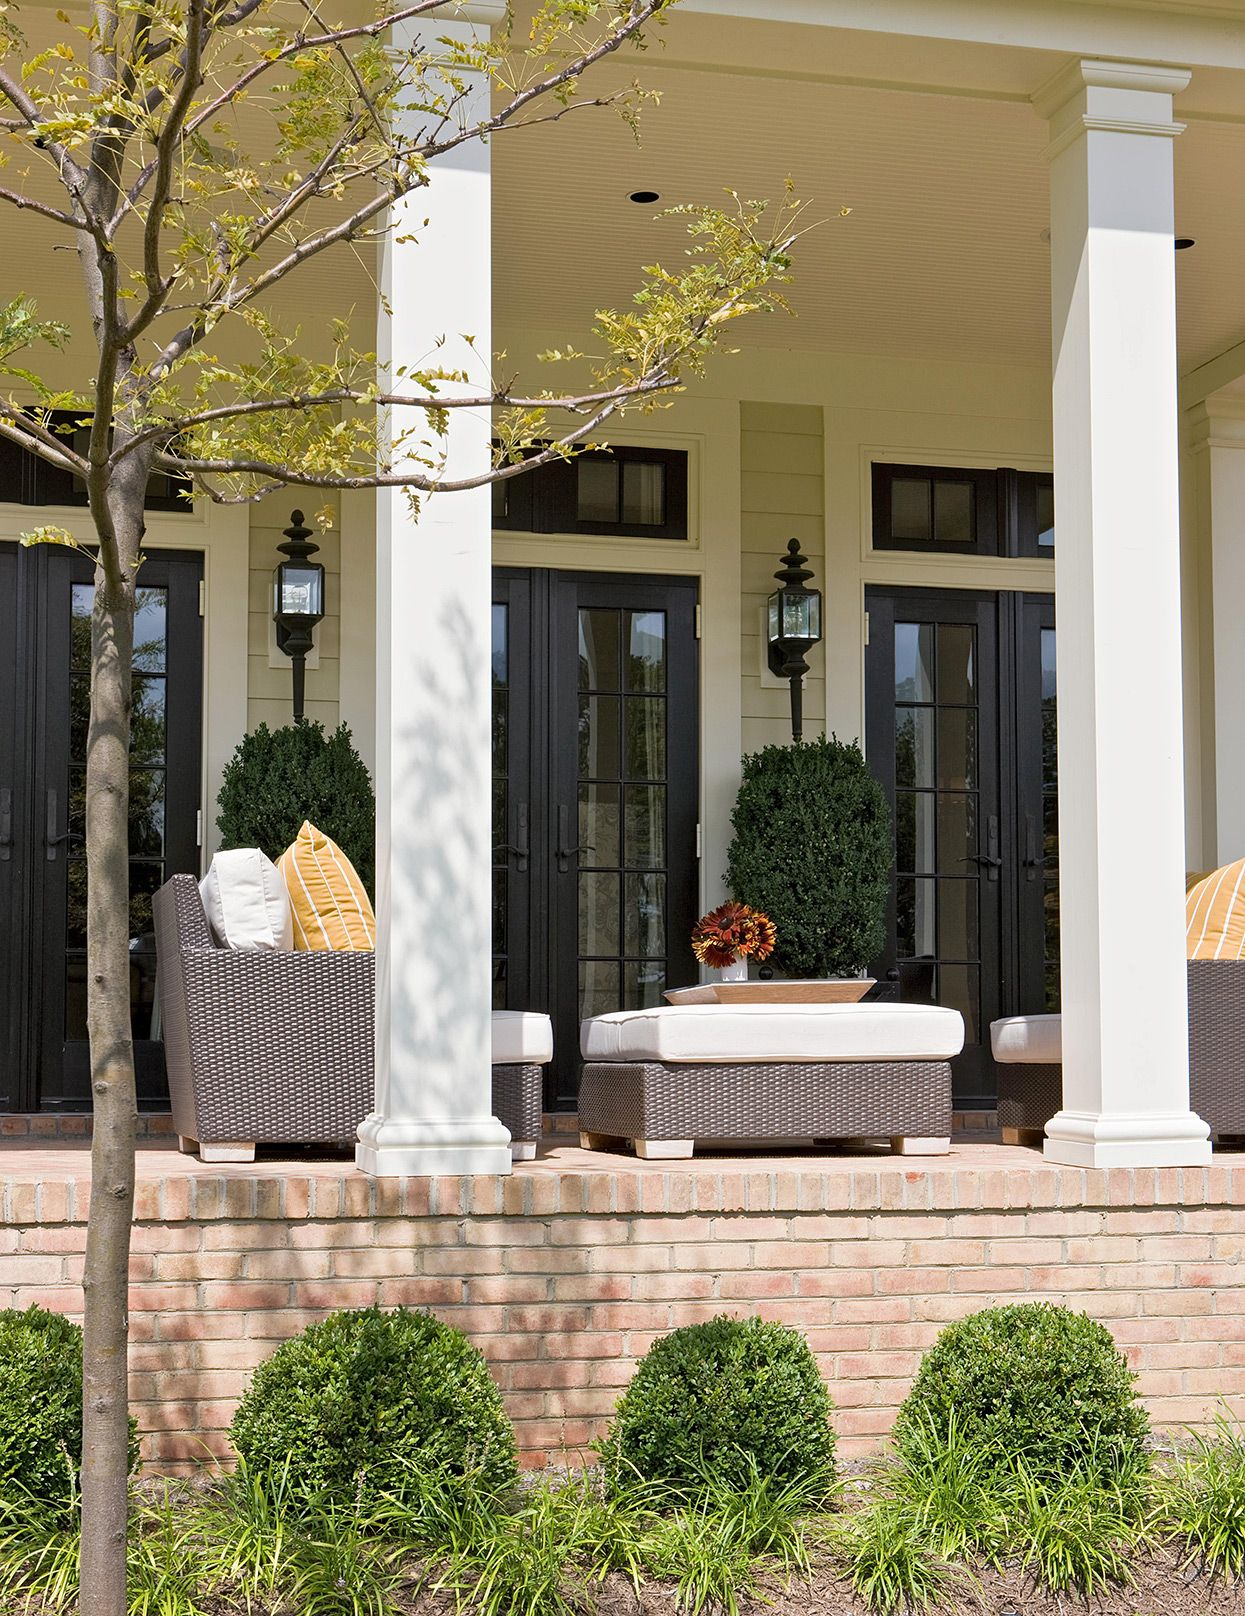 30 Pretty Porch Ideas For The Perfect At Home Escape In 2020